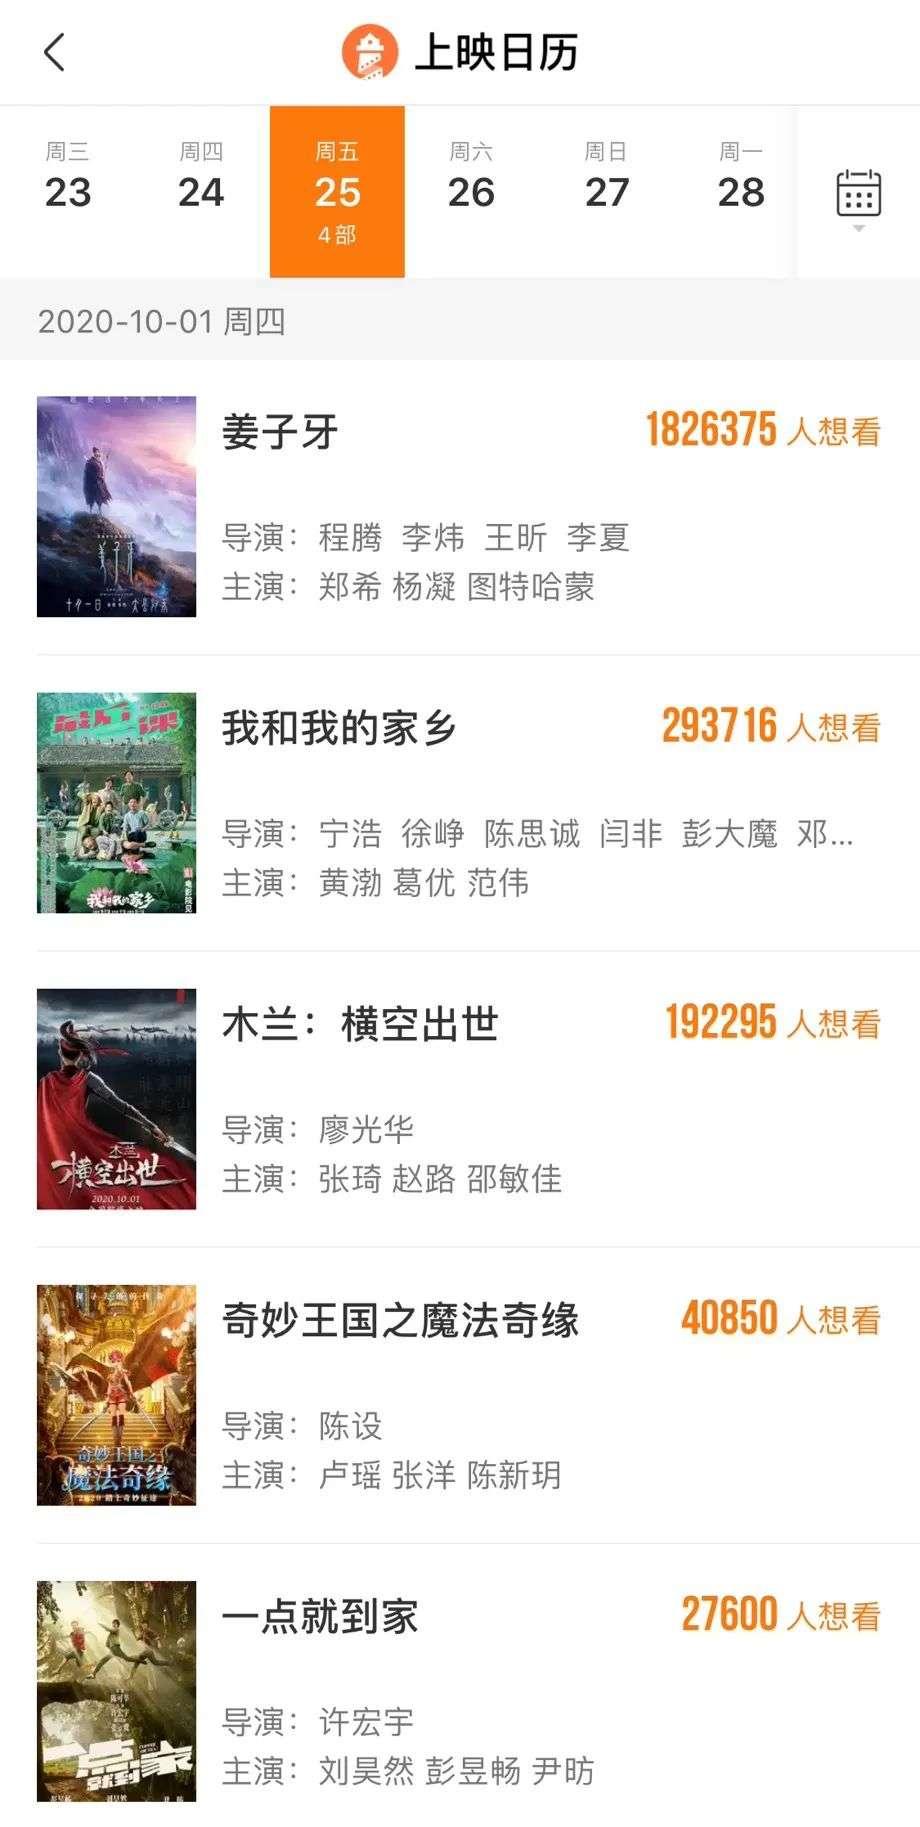 """《夺冠》提档、《姜子牙》《家乡》将开预售,还会有""""最强国庆档""""吗?"""